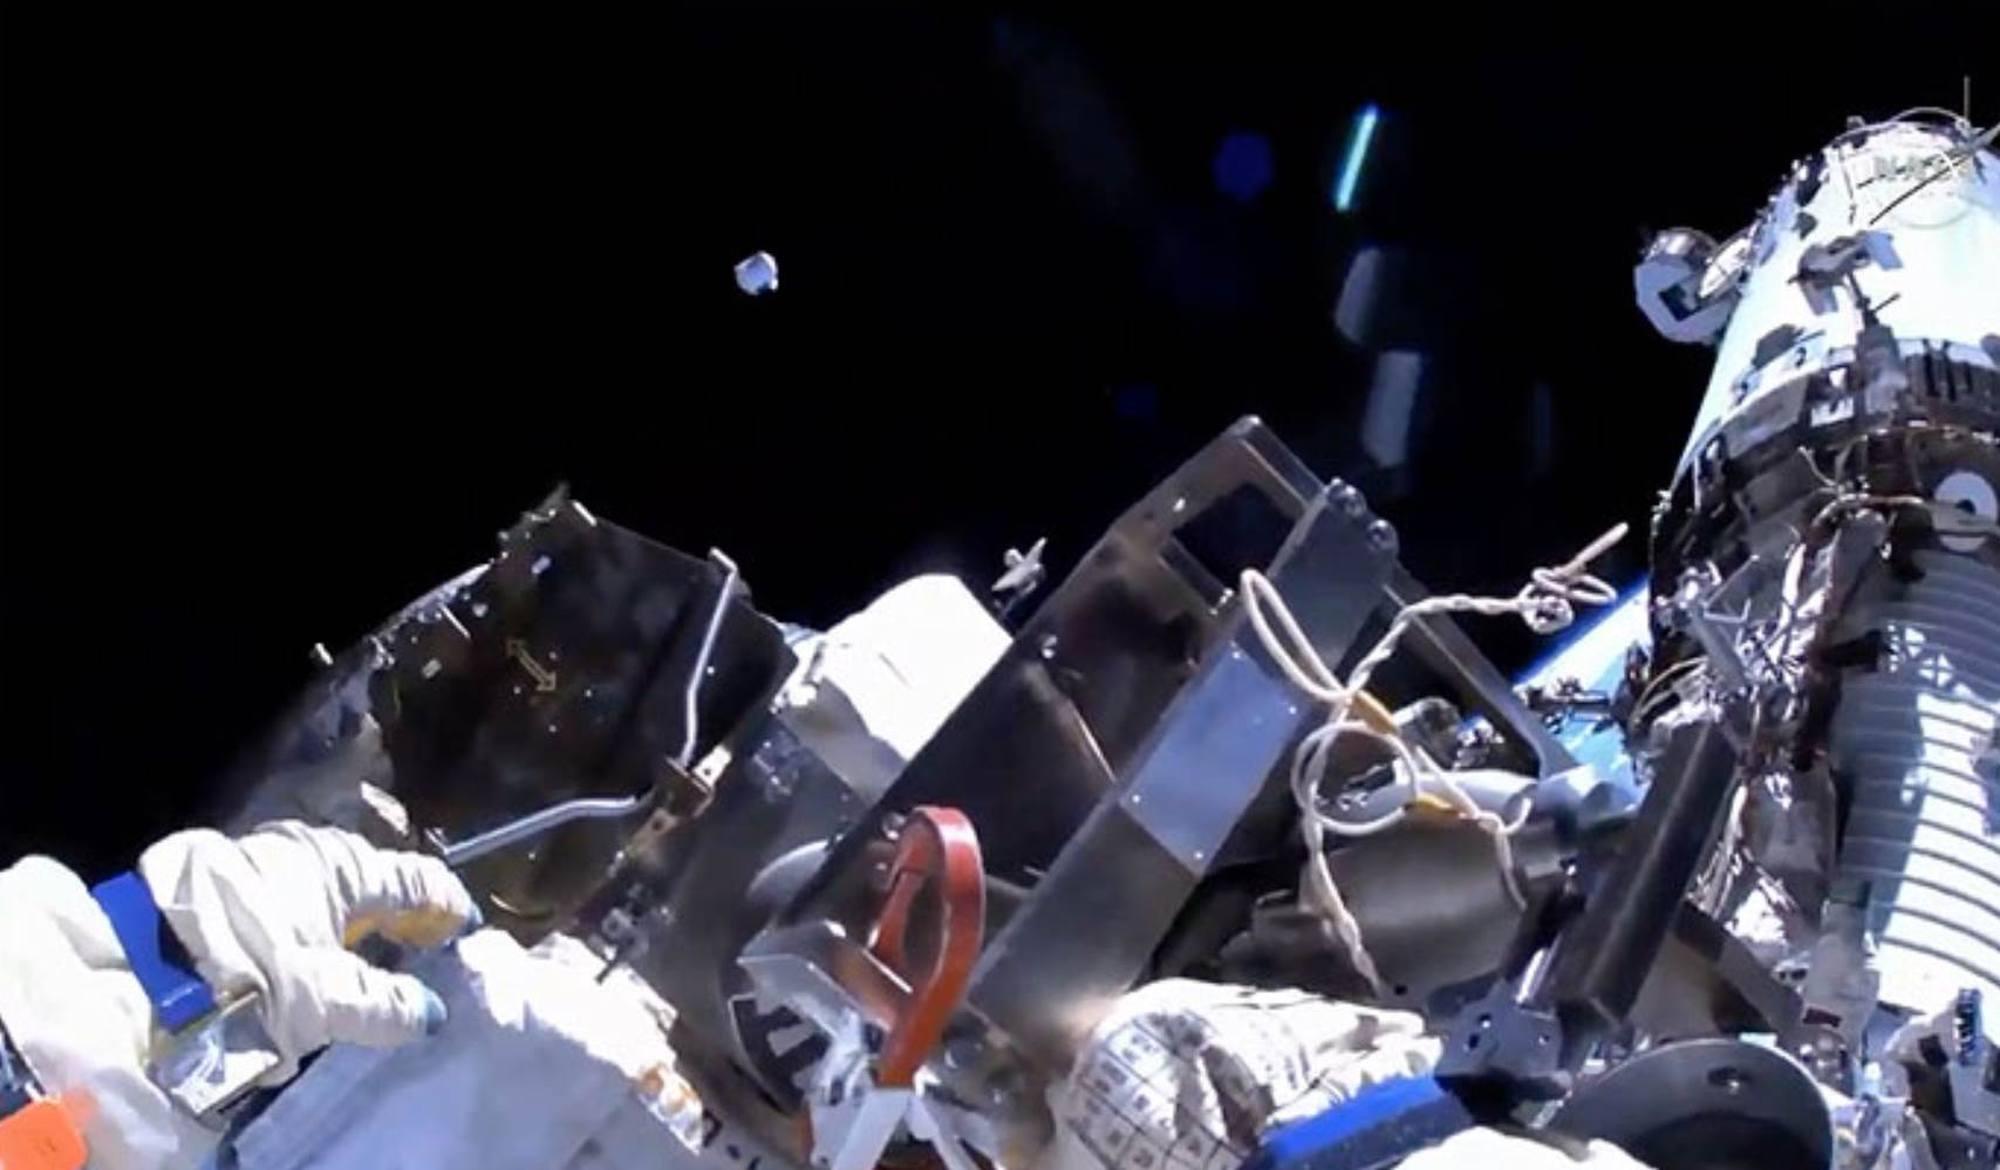 Le conteneur pressurisé remplacé est jeté dans l'espace dans une direction favorisant son retour dans l'atmosphère pour y brûler.